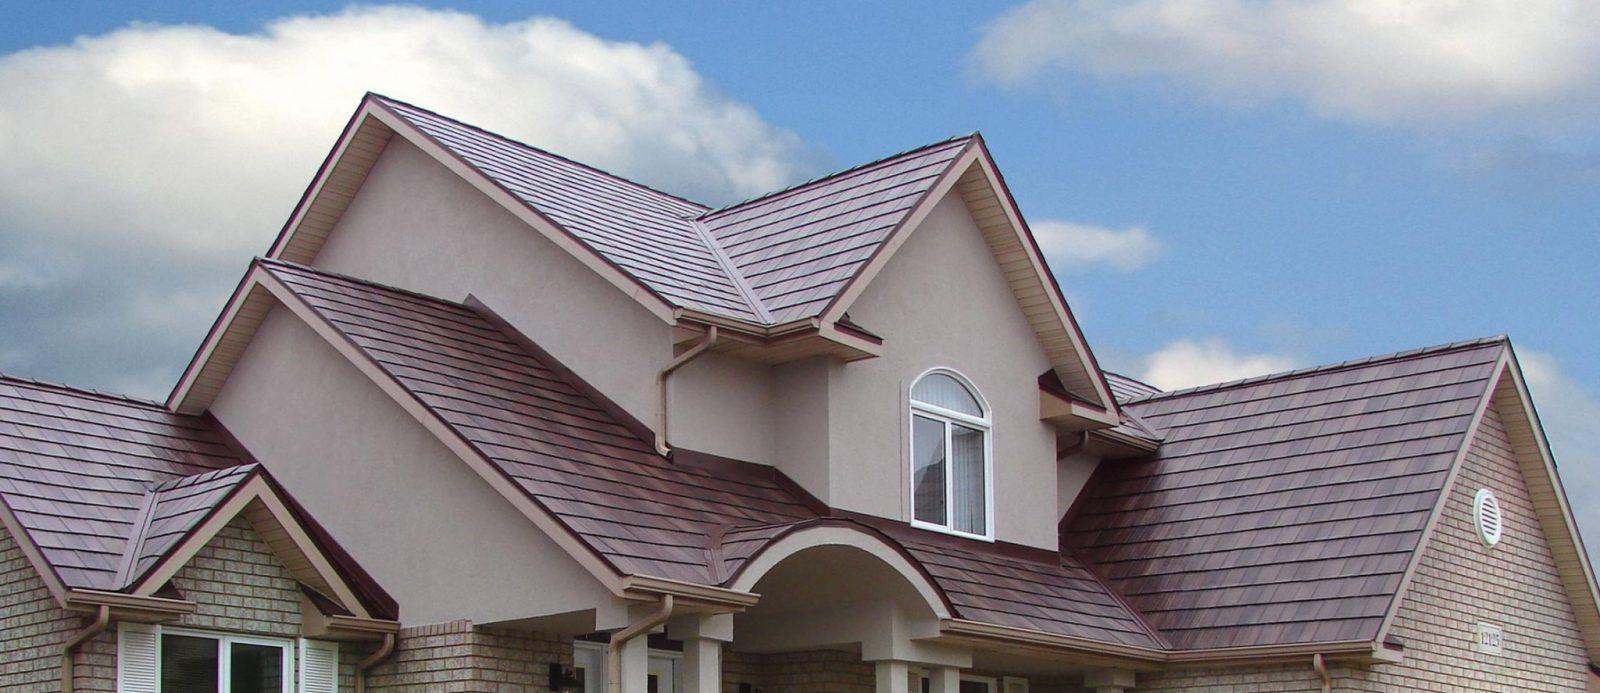 les types de toitures